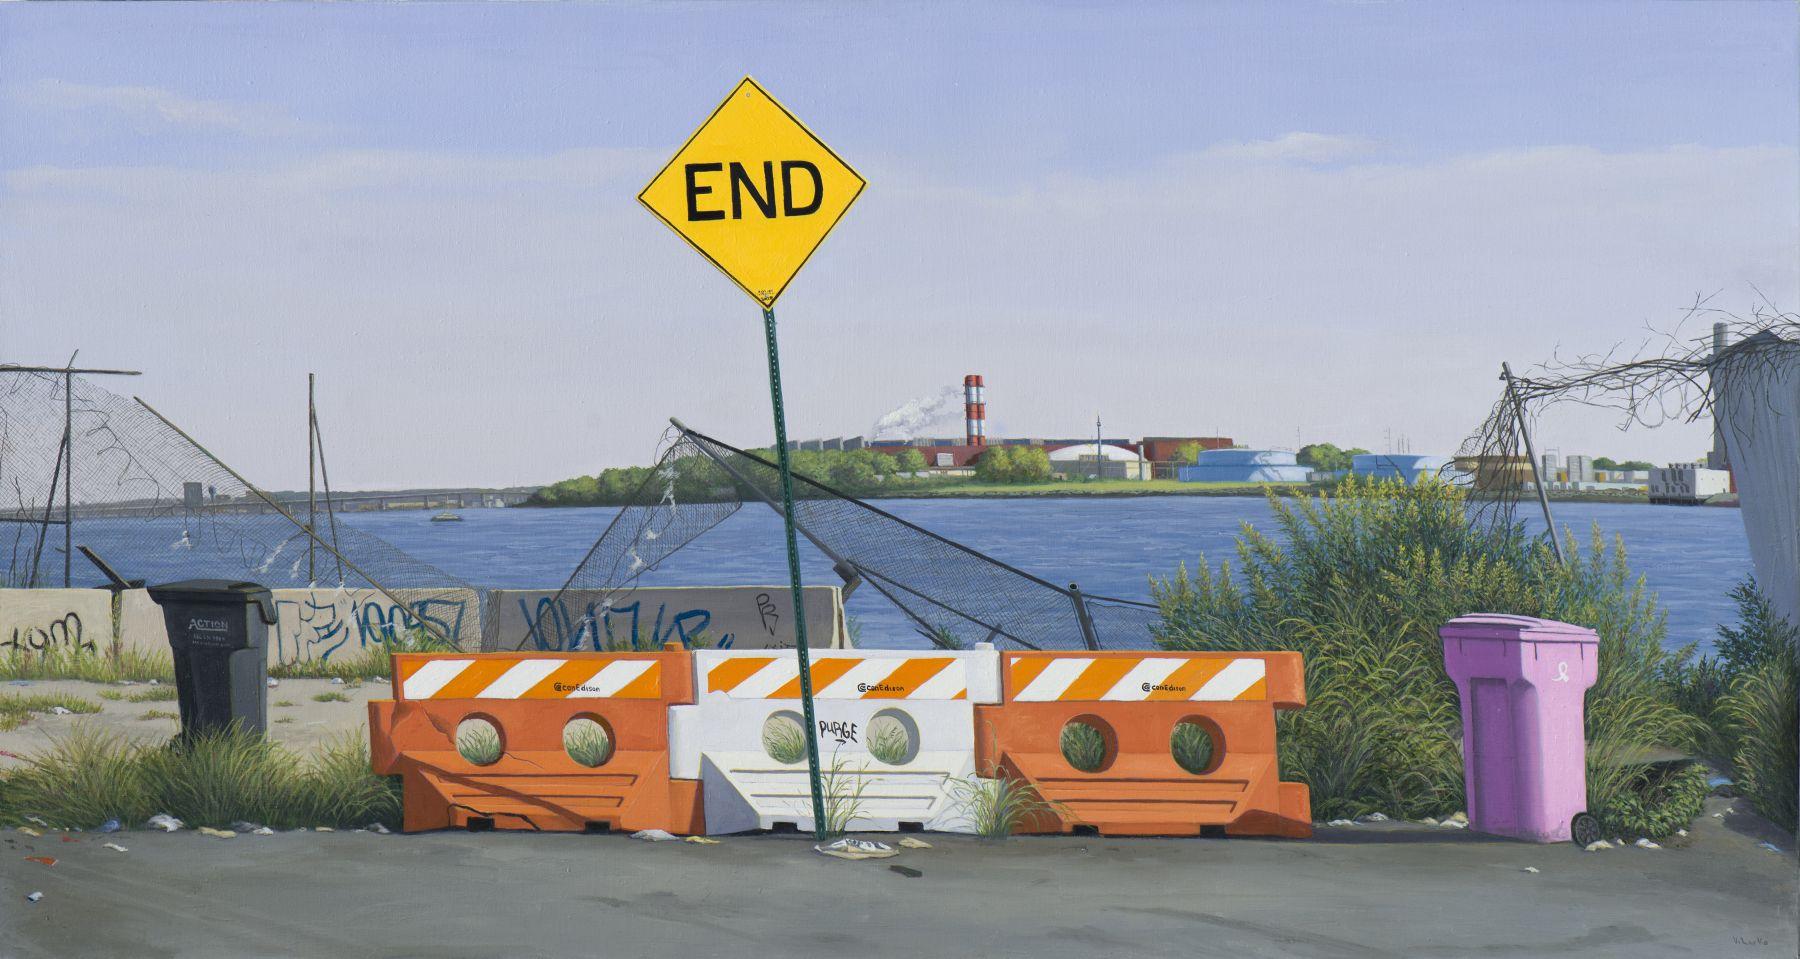 END, E 132nd Street, Bronx, 2015, Oil on linen